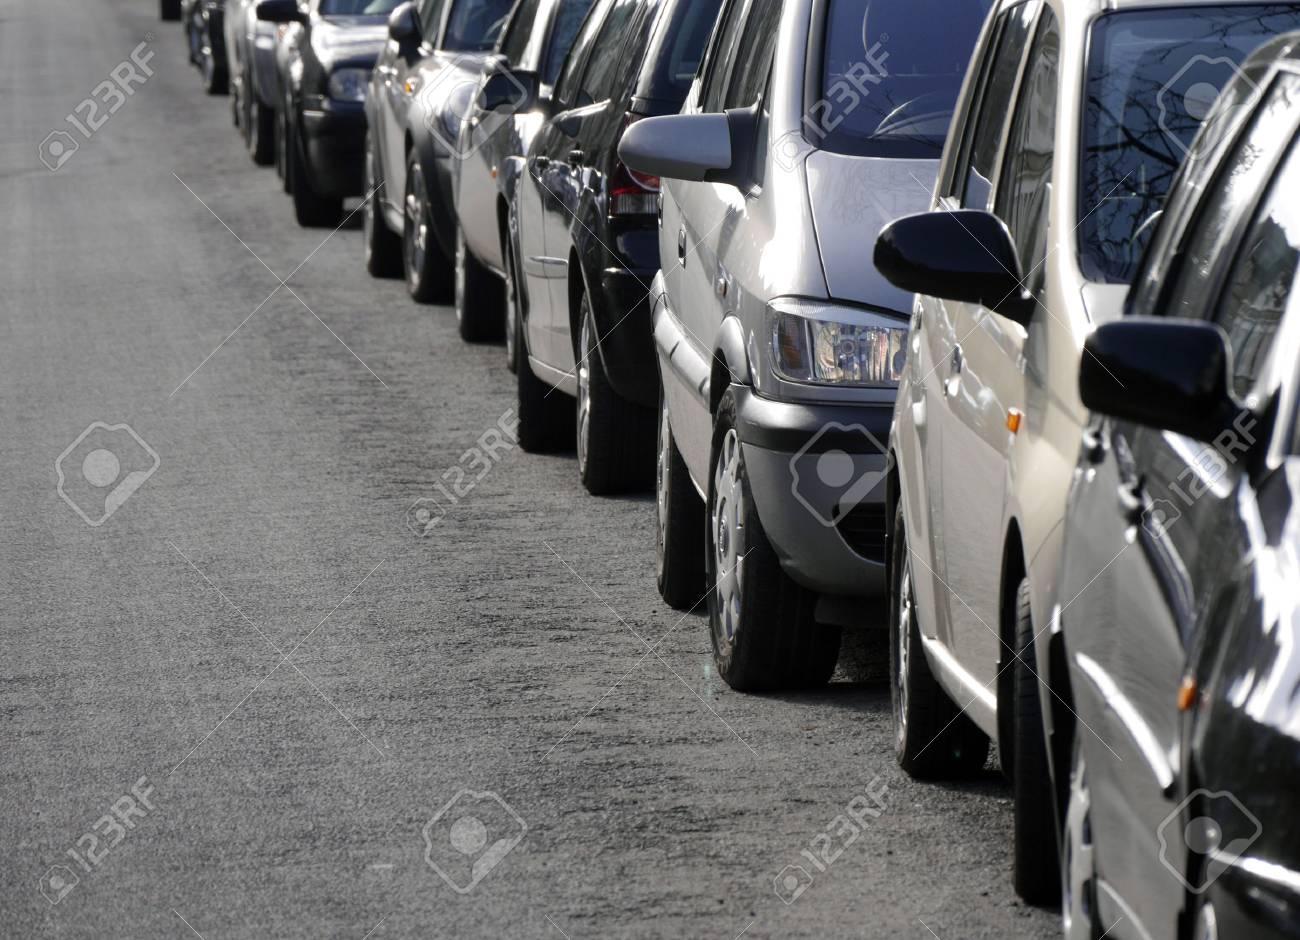 Immagini Stock - Lunga Fila Di Auto Parcheggiate Nel Centro Della ...